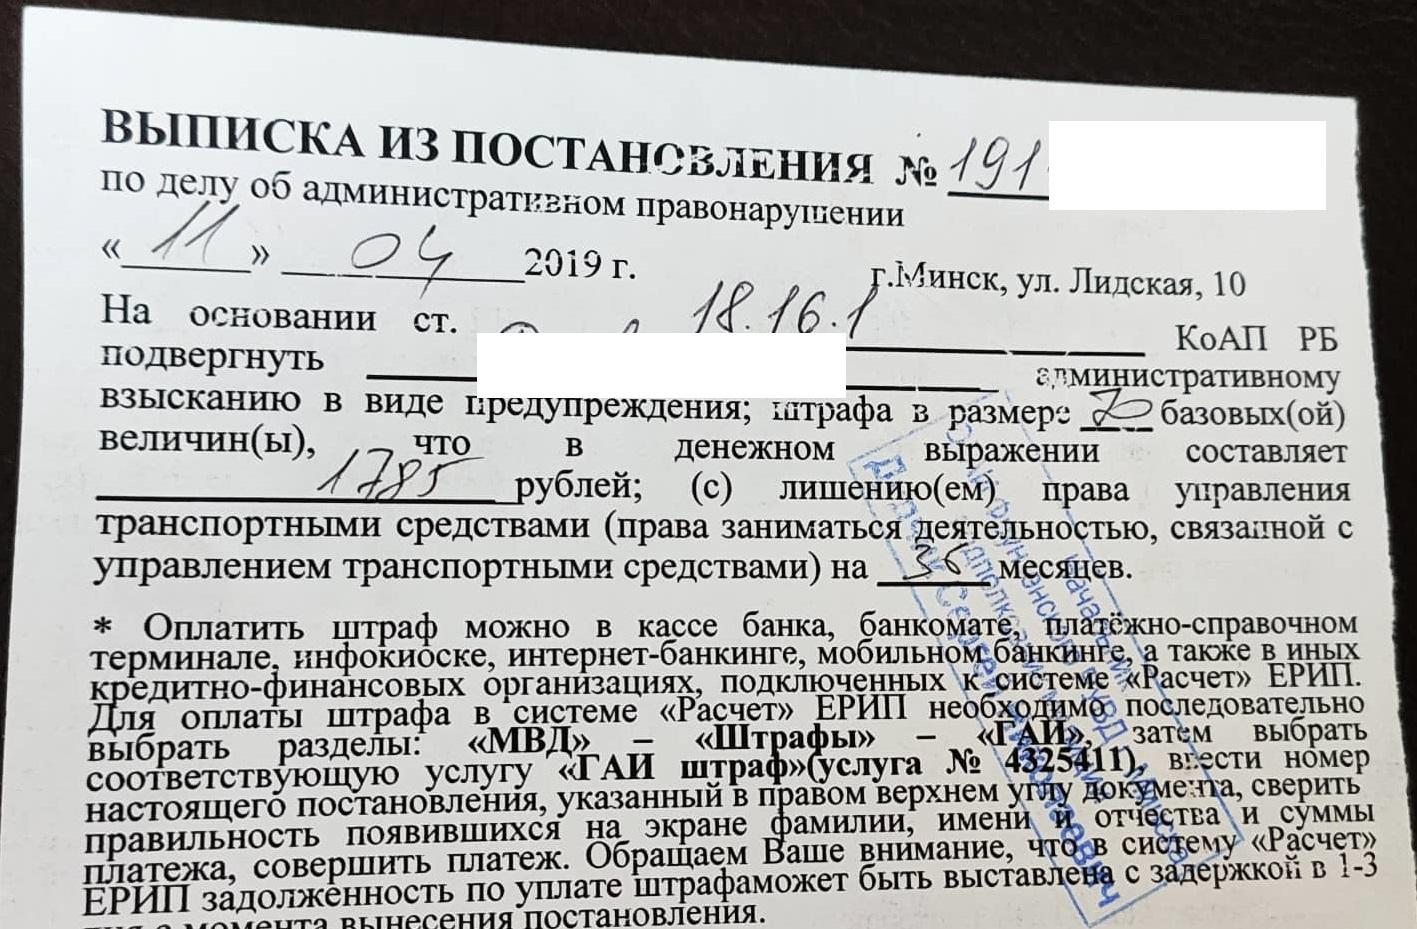 обжаловать постановление: незаконный документ - выписка из постановления